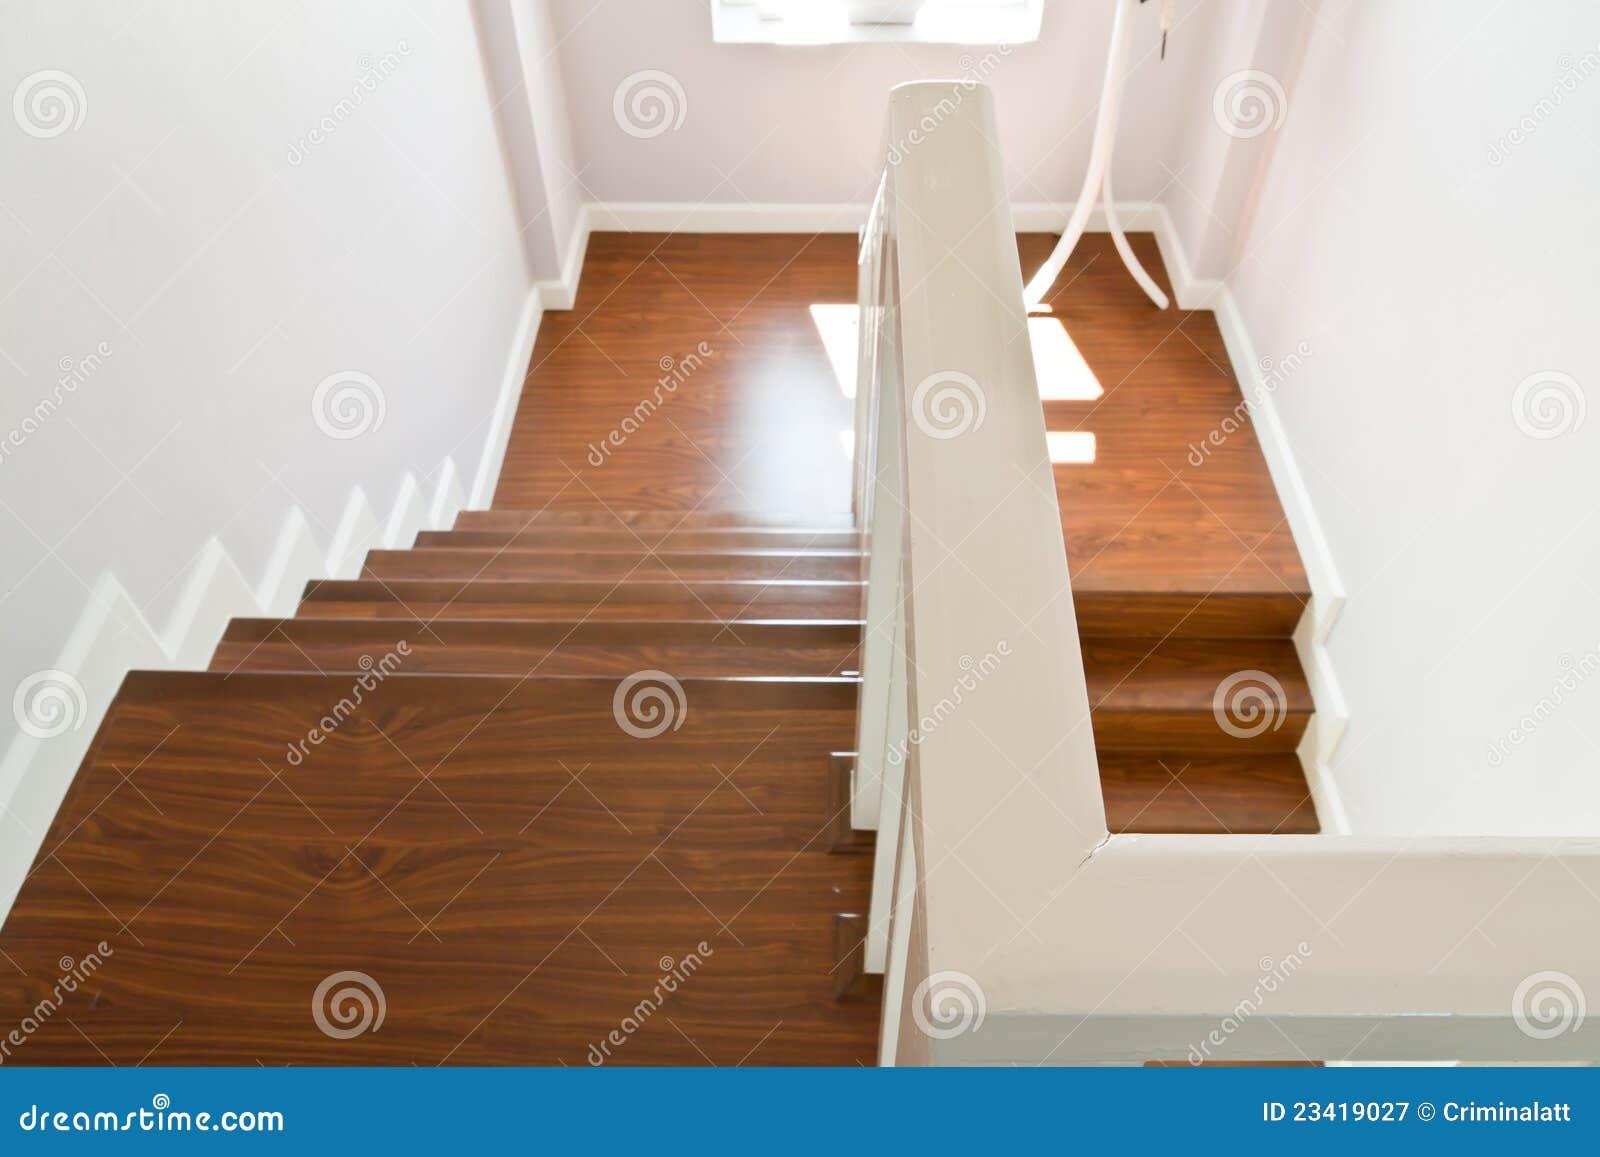 escaleras de madera con el carril de mano fotografa de archivo libre de regalas